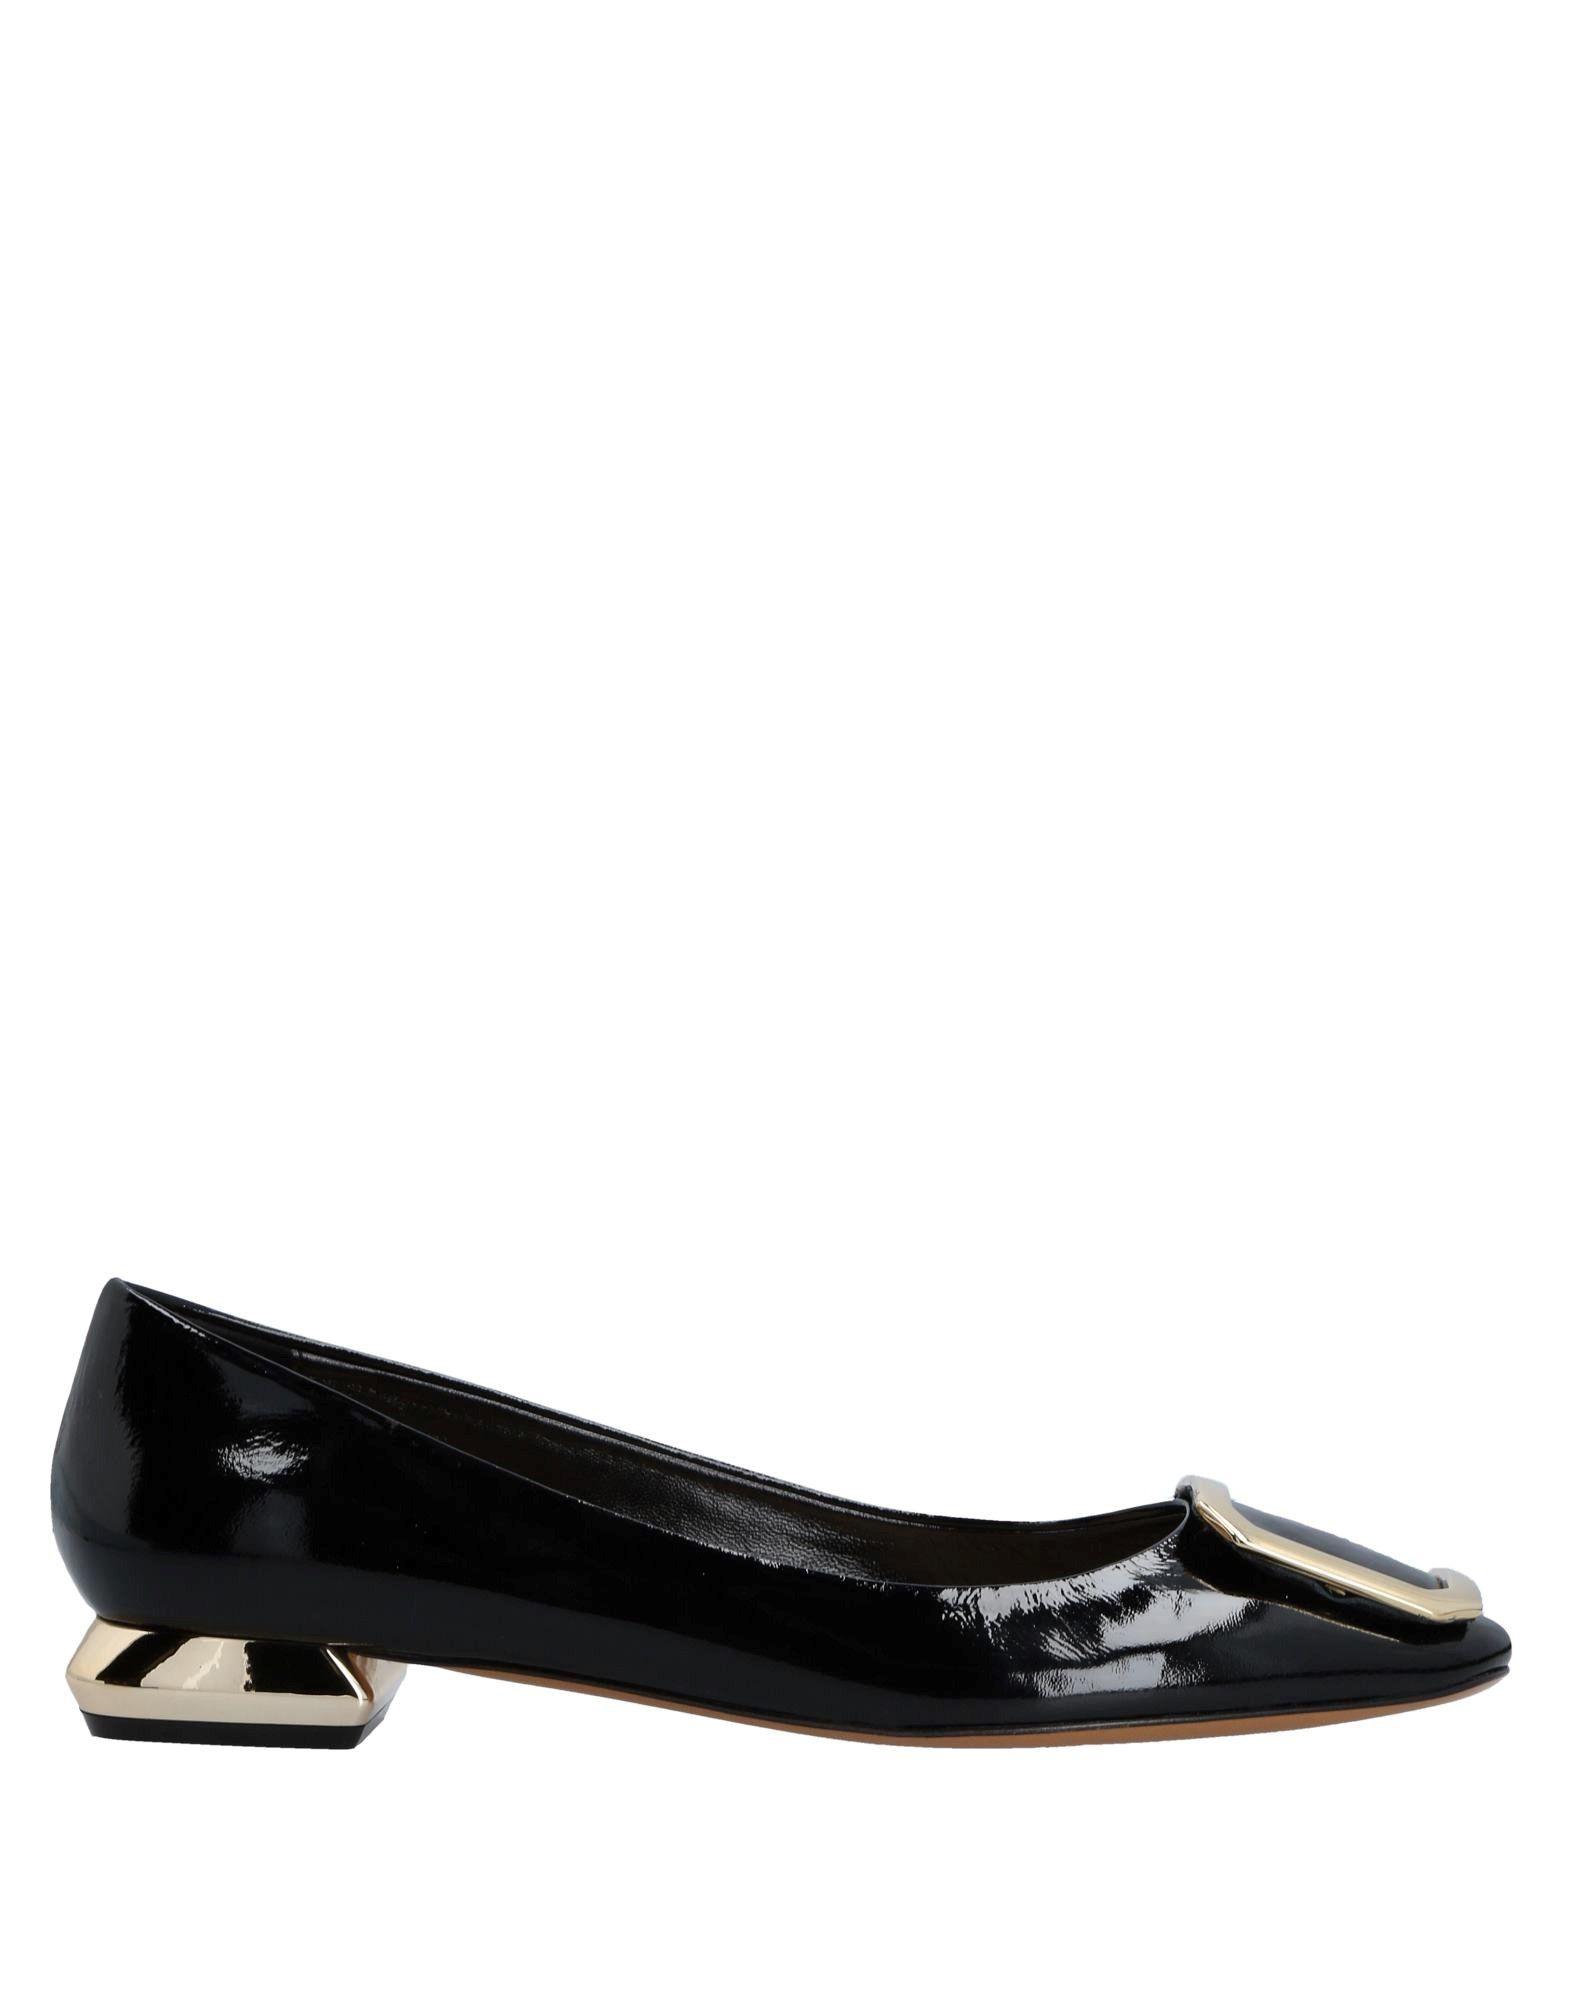 Fabio Rusconi Ballerinas Damen  11532251QM Gute Qualität beliebte Schuhe